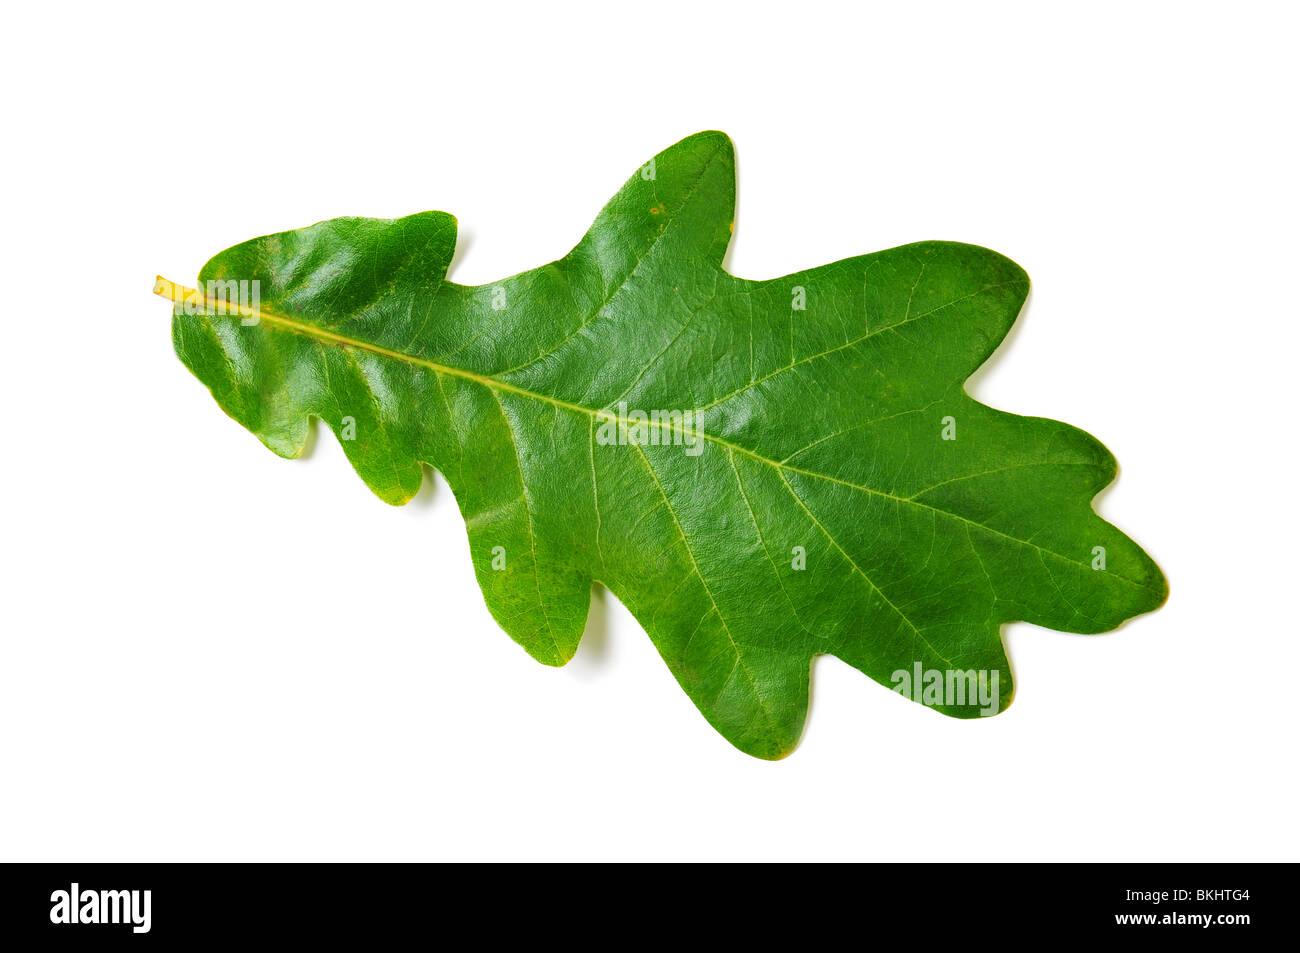 Feuille de chêne verte sur fond blanc. Image isolée Photo Stock